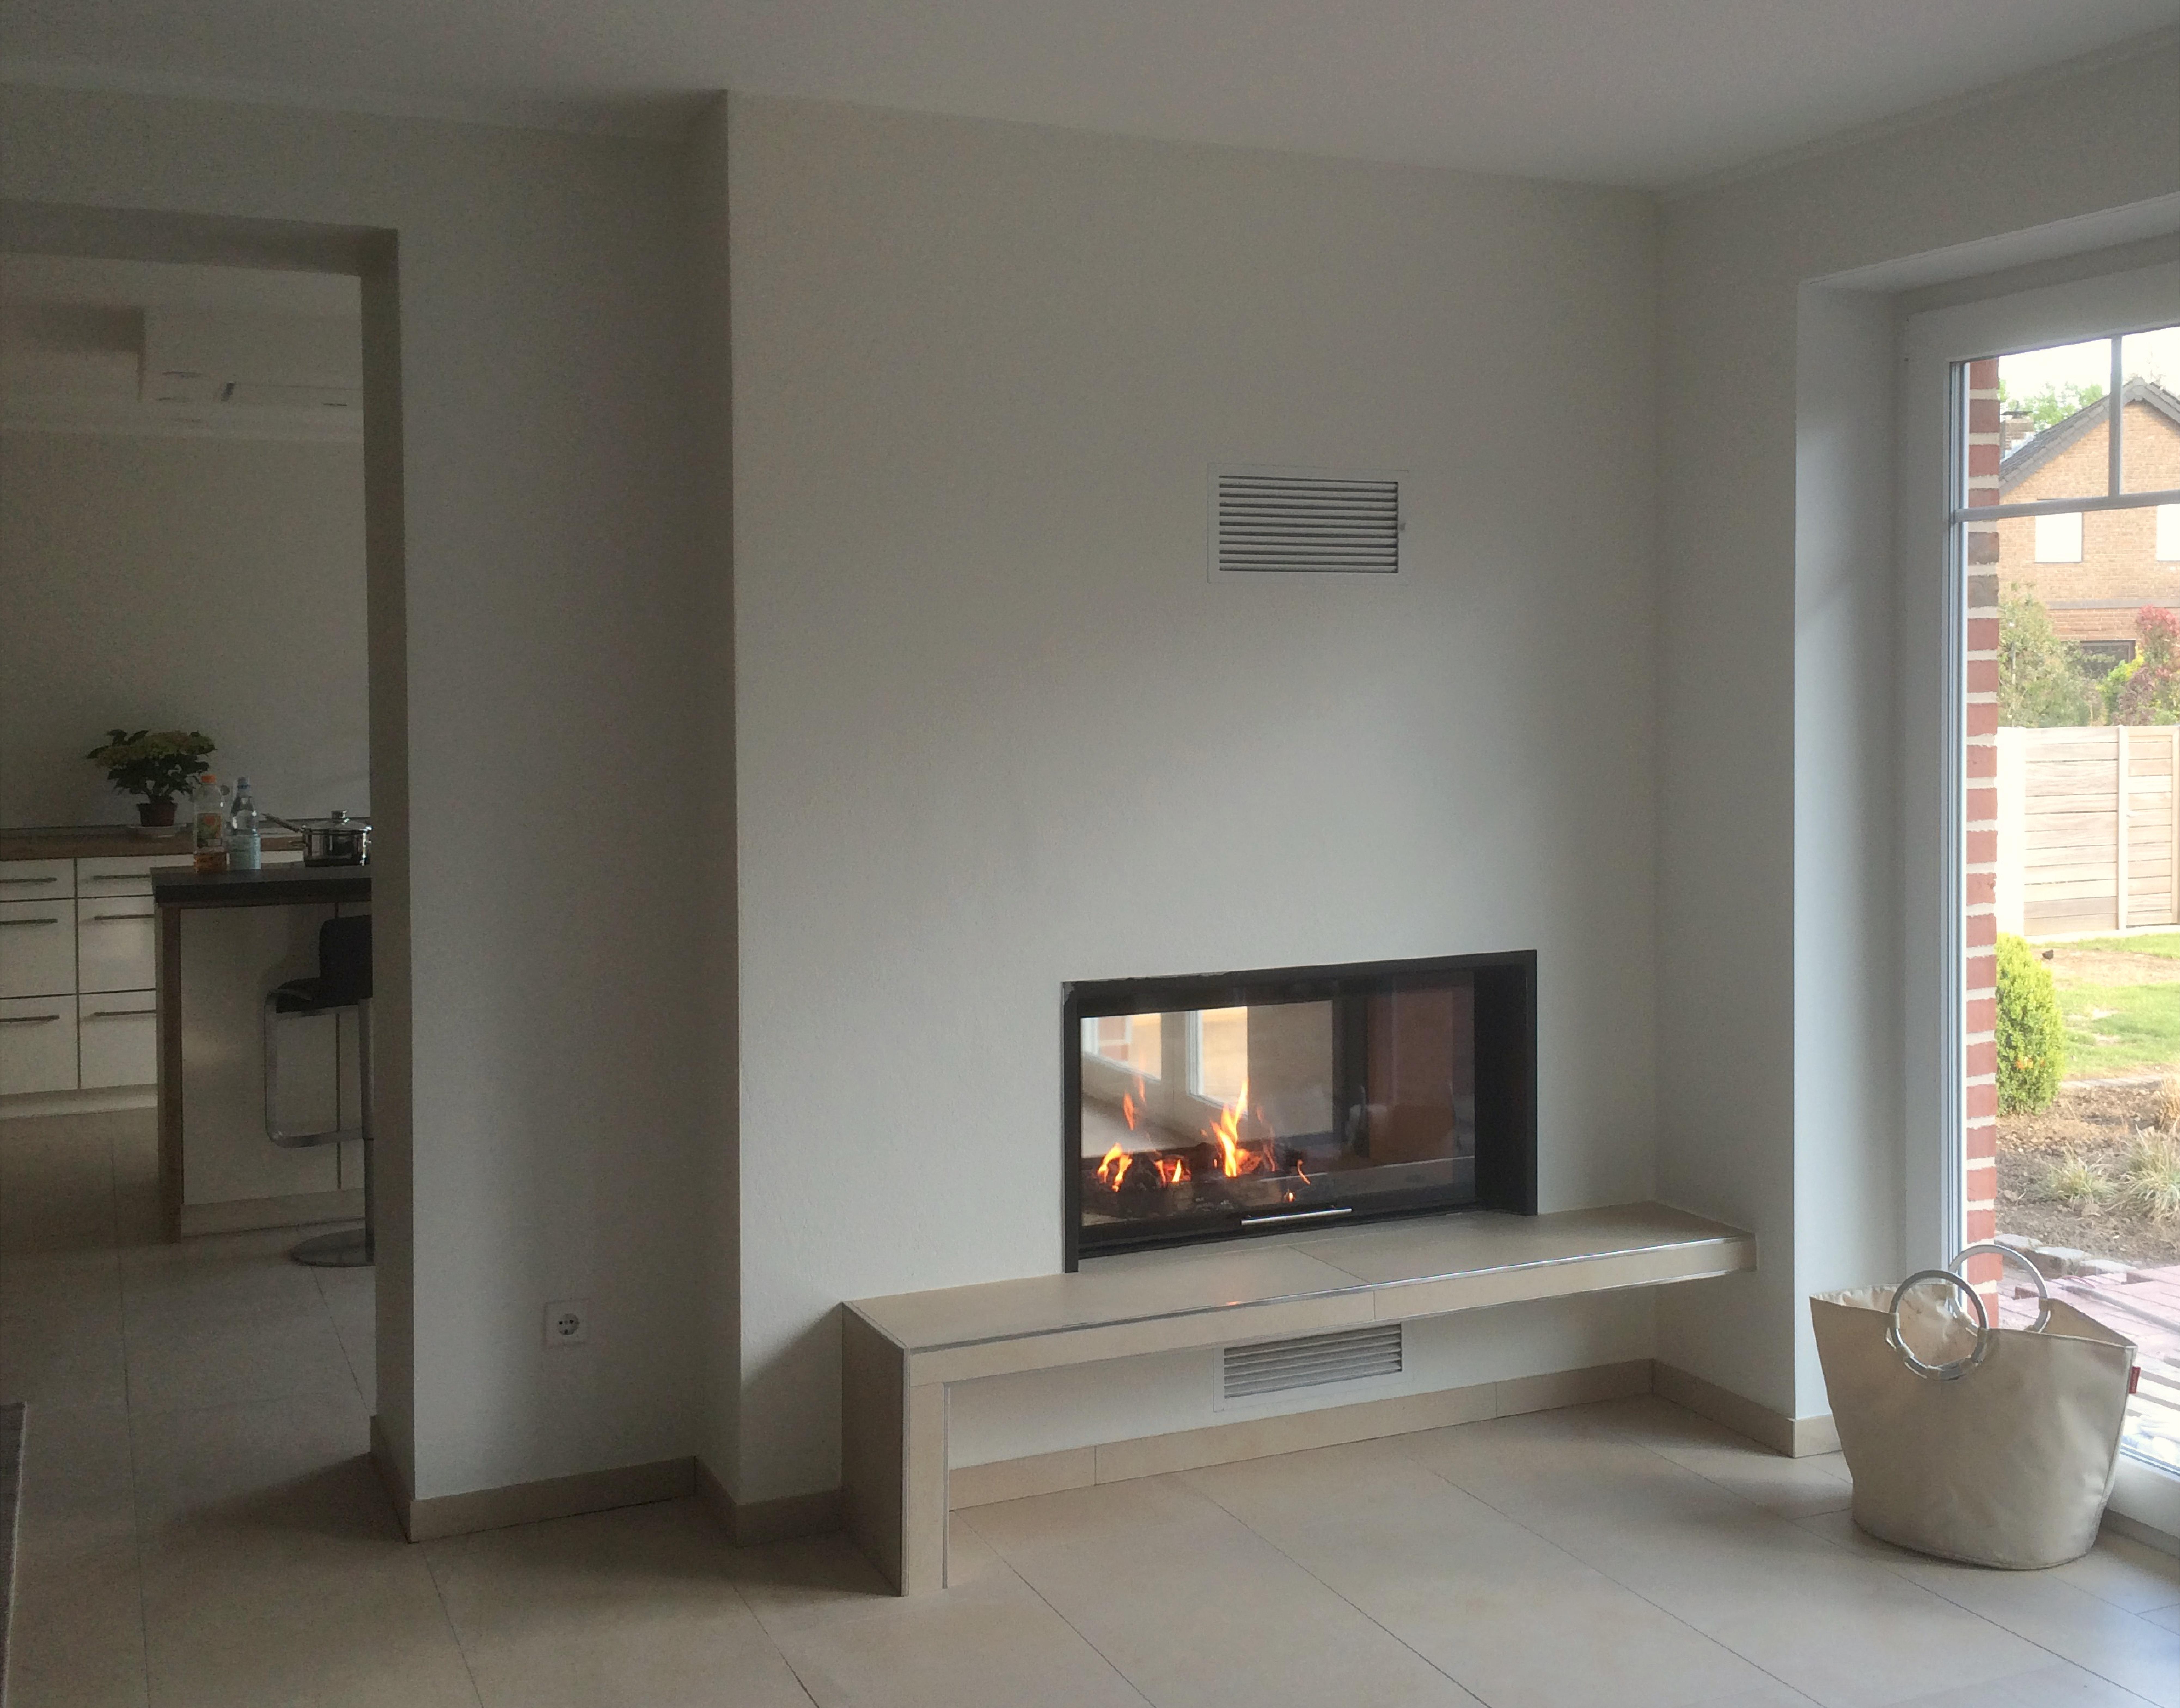 caminetti pelletofen caminetti montegrappa pelletofen caminetti moderni a pellet l olandese co. Black Bedroom Furniture Sets. Home Design Ideas